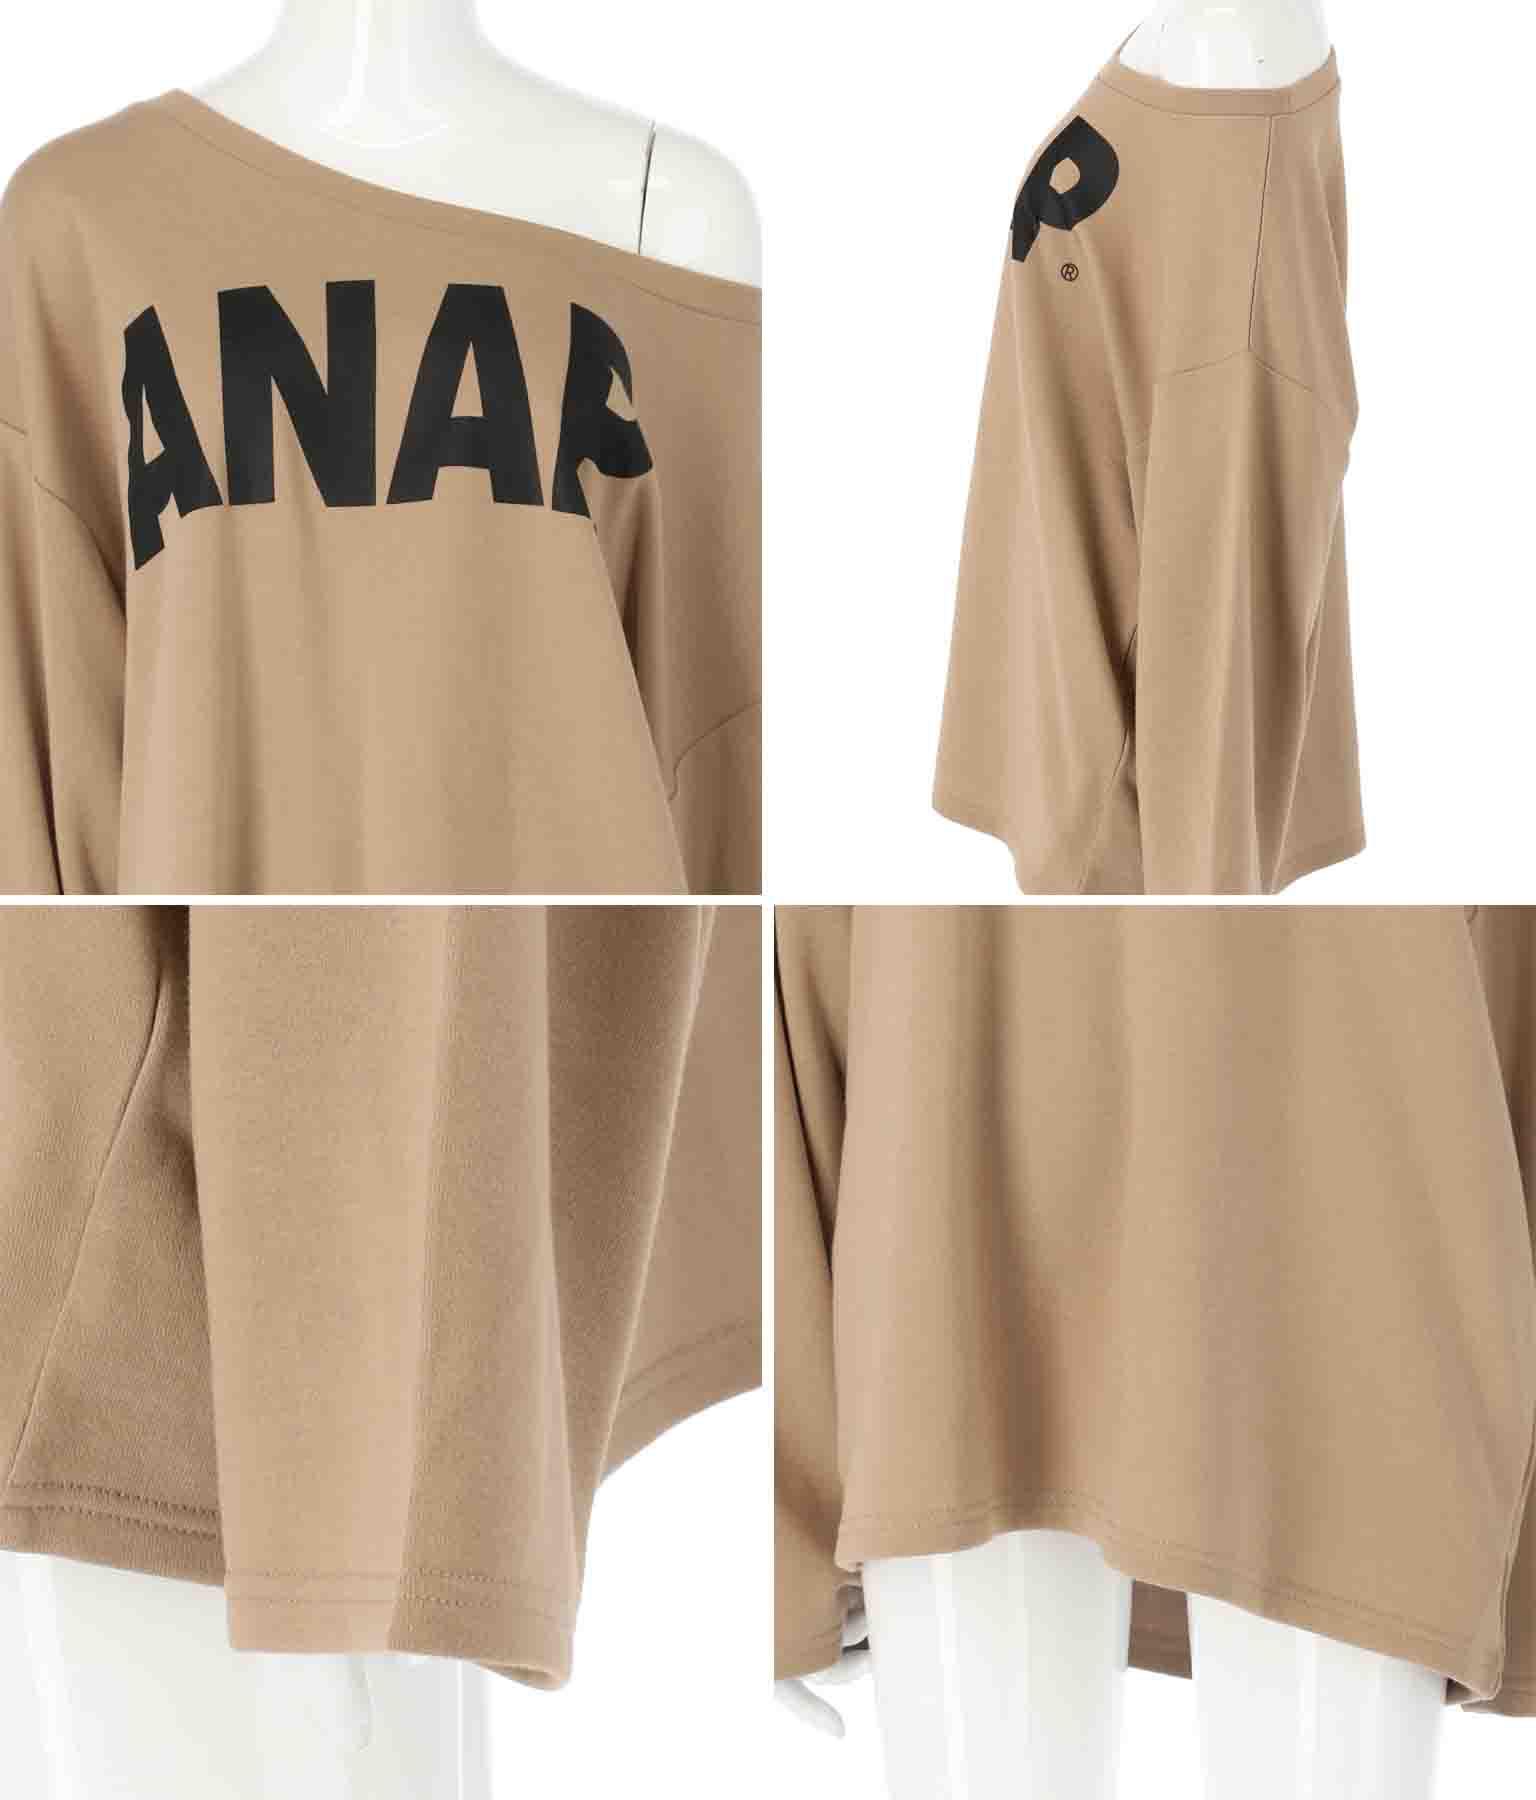 ANAPロゴワンショルダースウェットトップス(トップス/カットソー ・スウェット・トレーナー) | ANAP